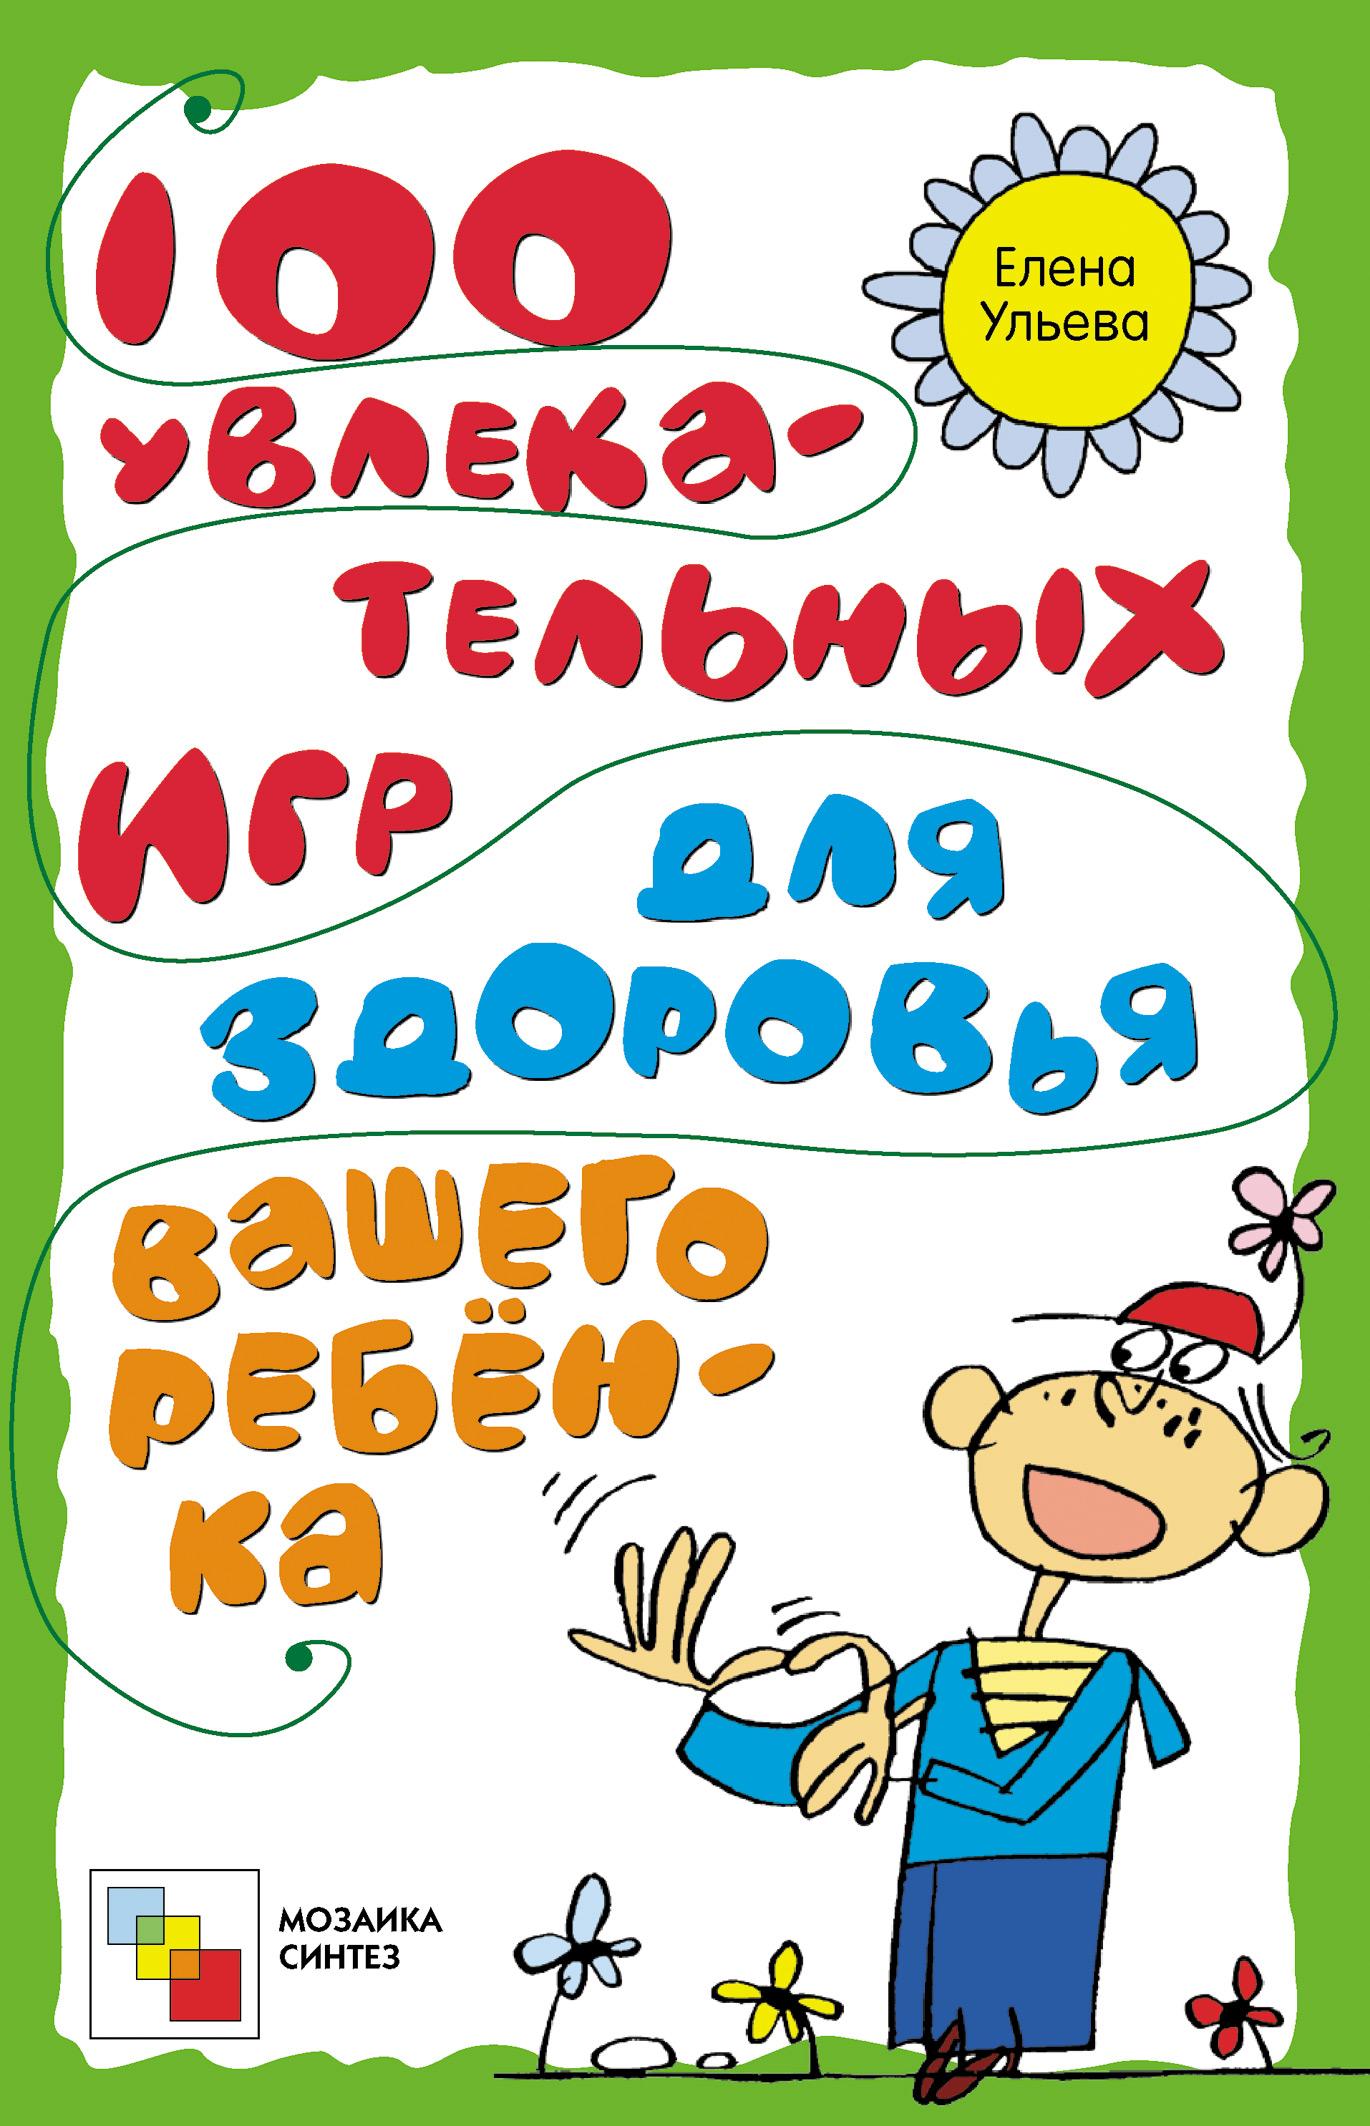 Елена Ульева 100 увлекательных игр для здоровья вашего ребёнка елена ульева 100 увлекательных игр для здоровья вашего ребёнка